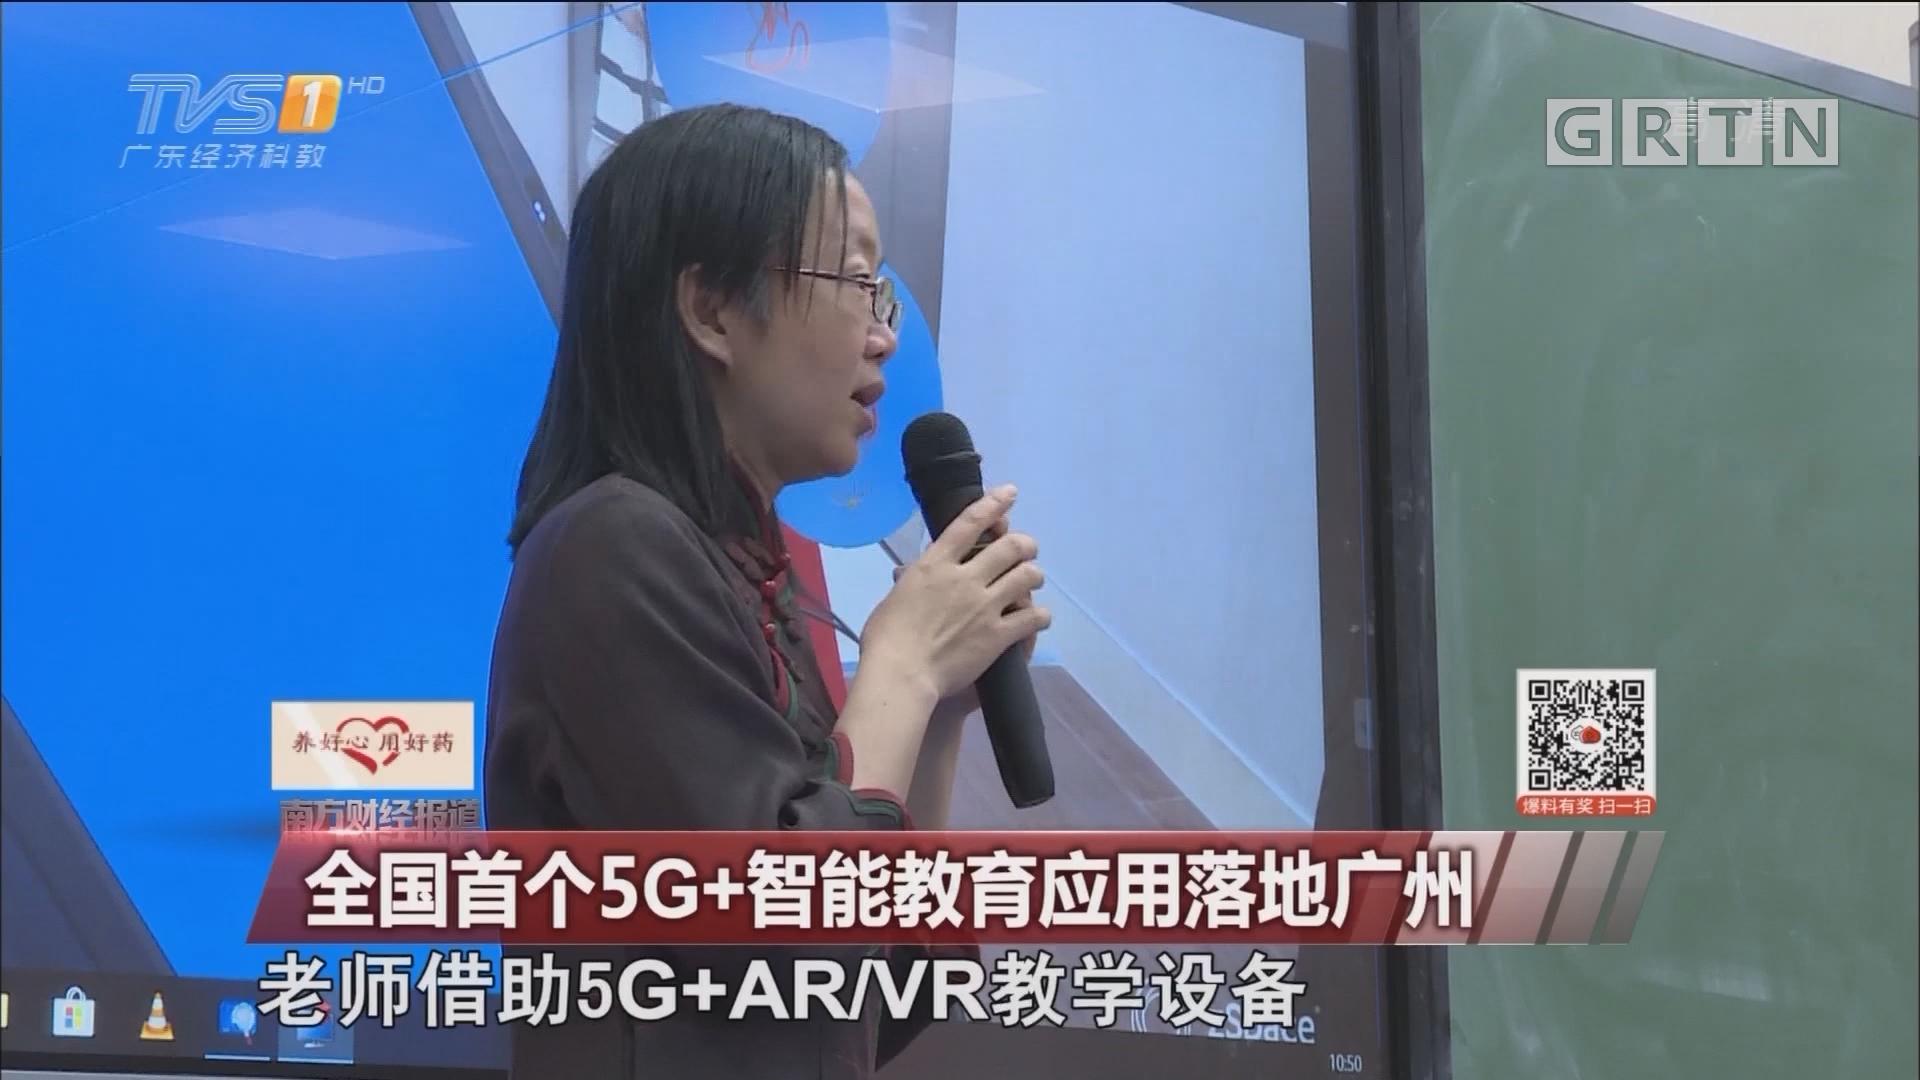 全国首个5G+智能教育应用落地广州